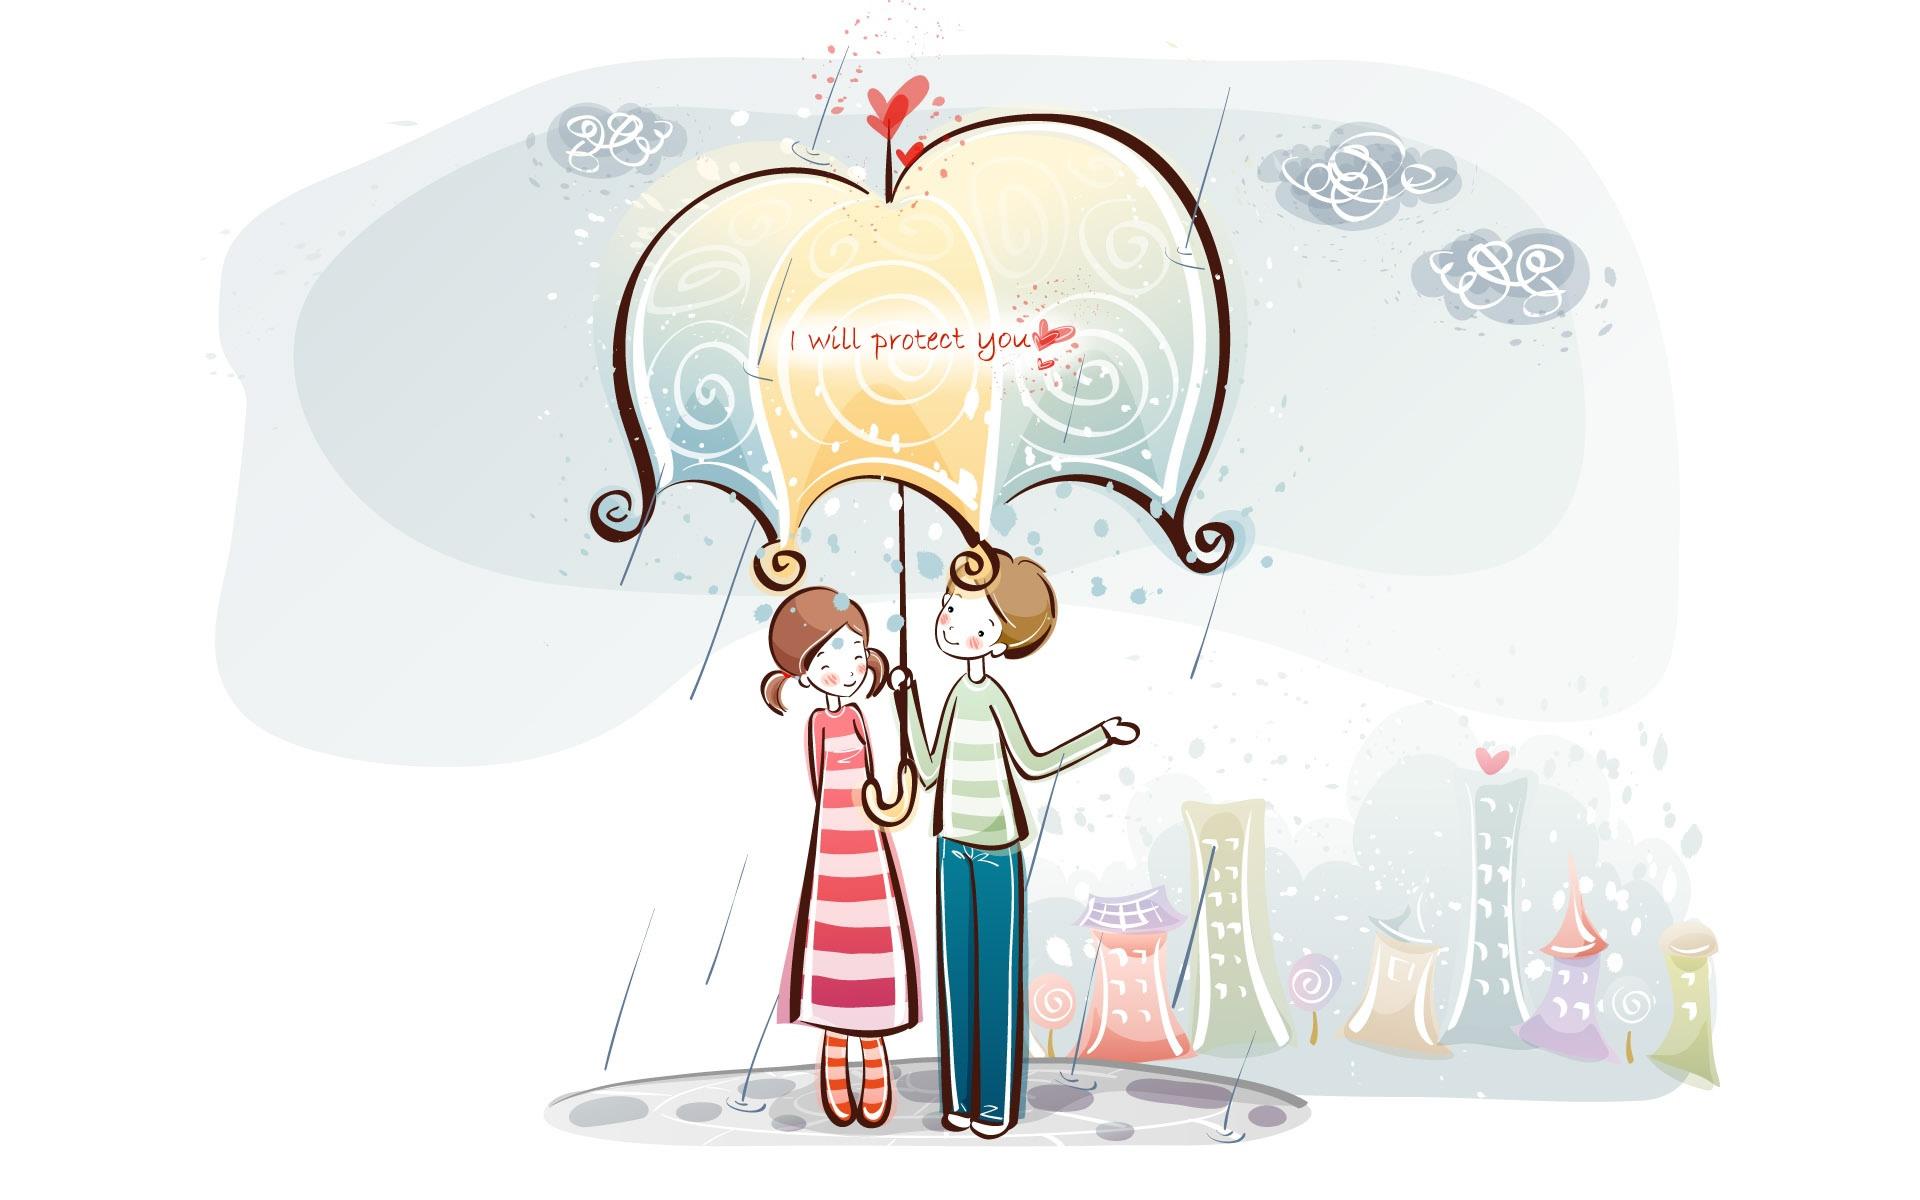 壁纸1920×1200爱情宽屏卡通壁纸下载壁纸 爱情宽屏卡通壁纸下载壁纸图片动漫壁纸动漫图片素材桌面壁纸